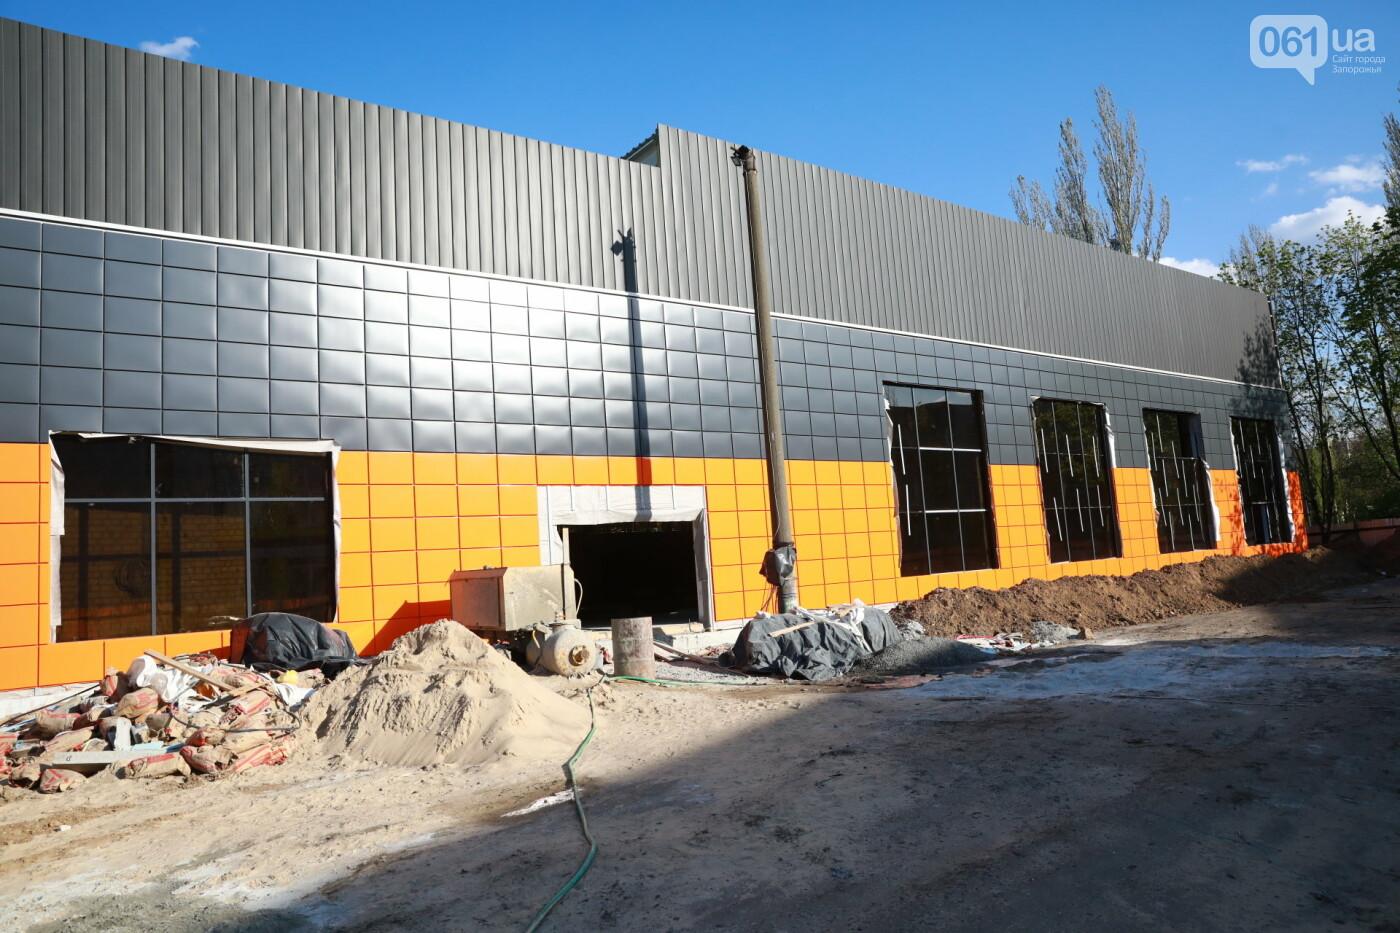 В Мелитополе полным ходом идет строительство водно-спортивного комплекса на 78 миллионов, - ФОТО, фото-1